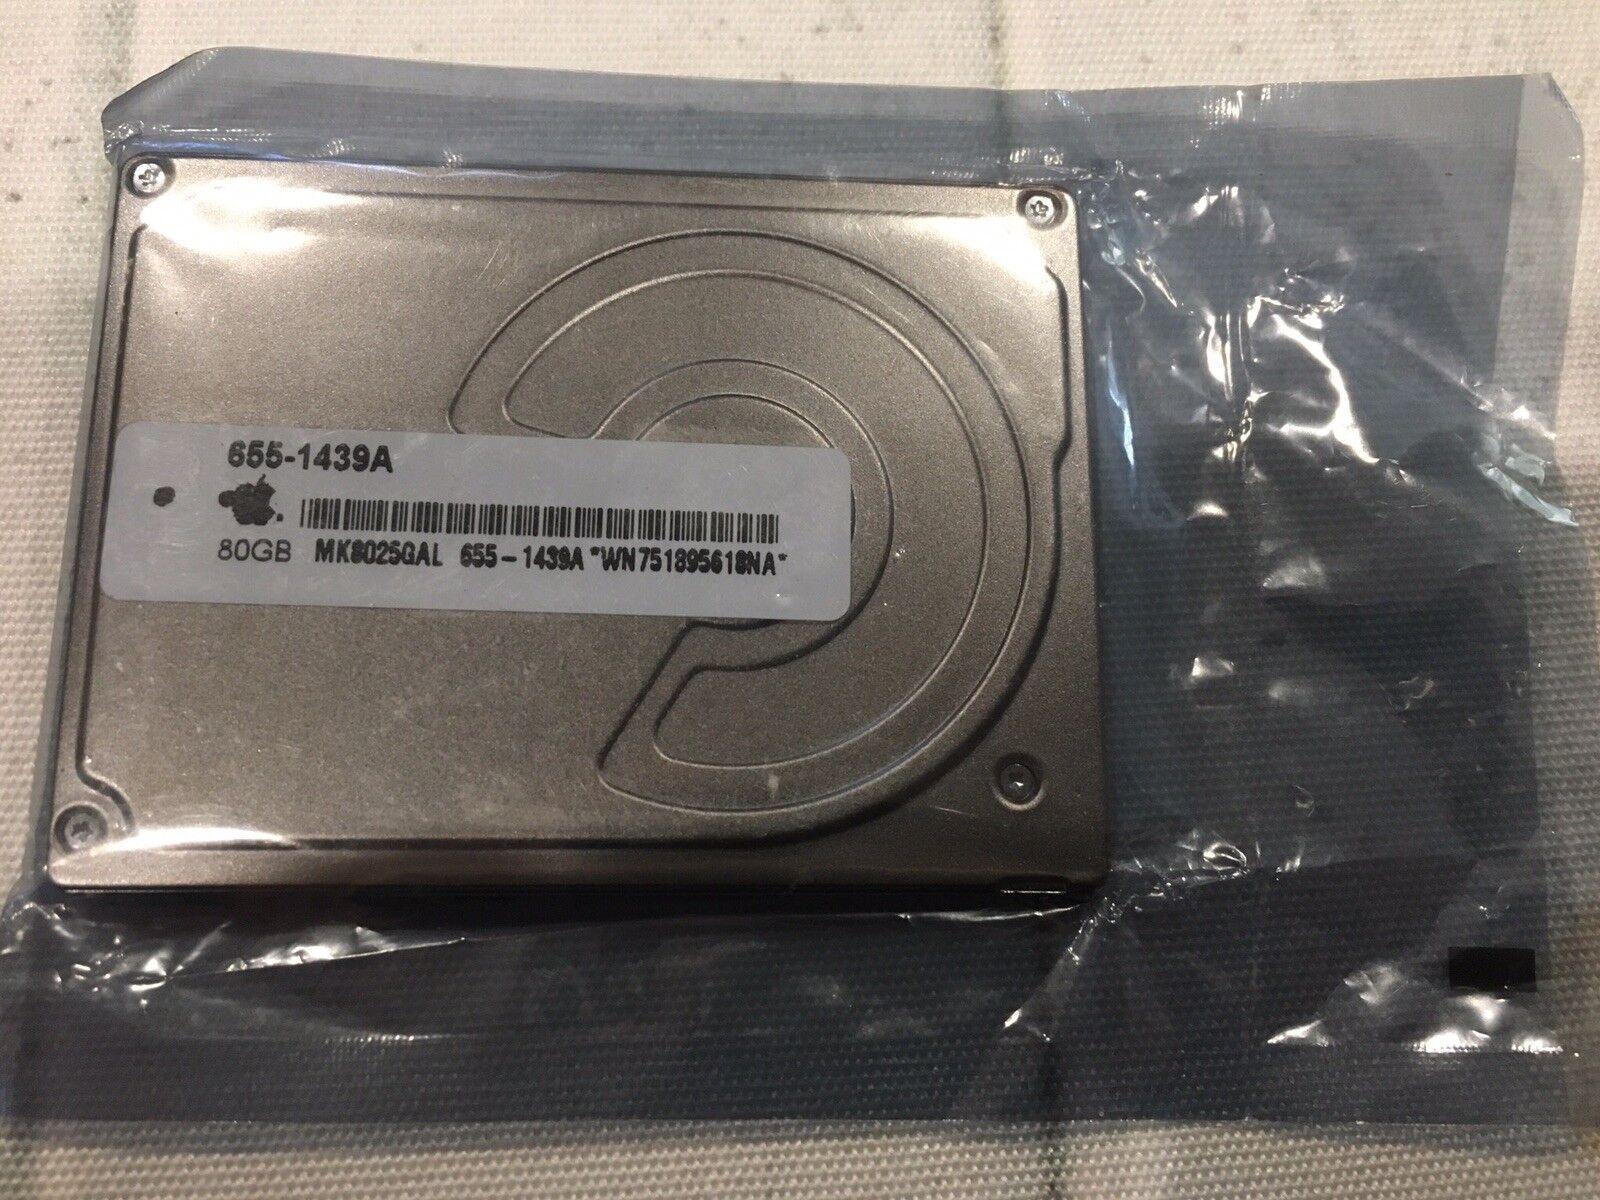 """MacBook Air 13/"""" A1237 2008 Genuine Laptop HDD 80GB 655-1439A 1.8"""""""